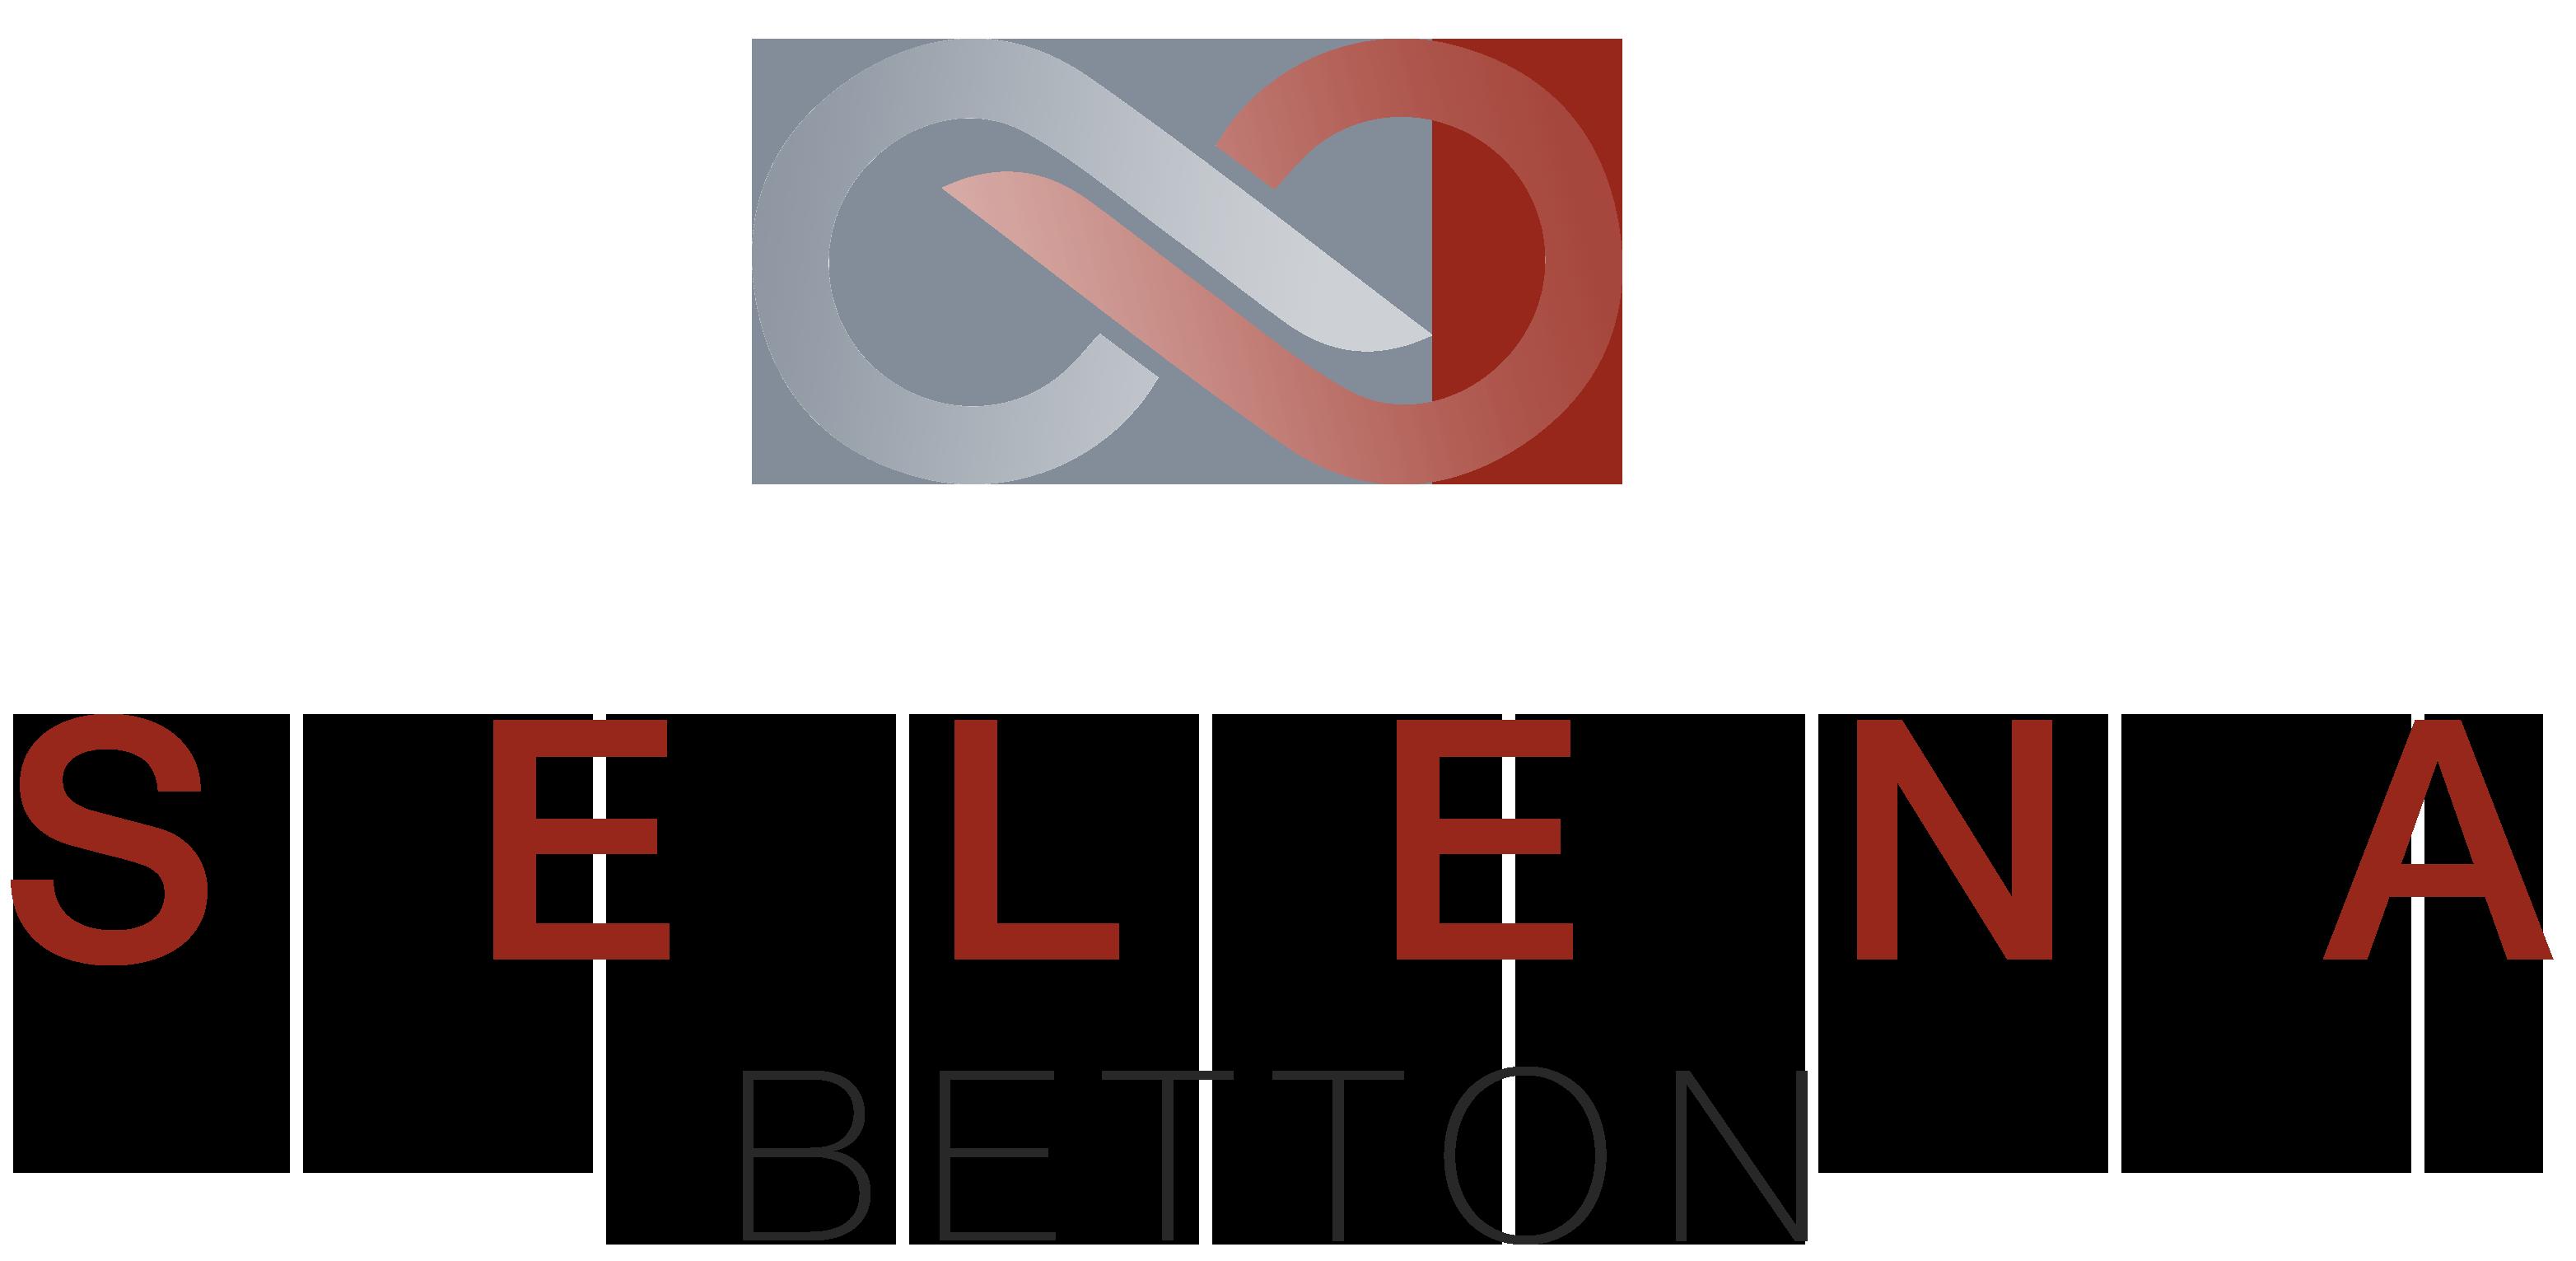 Selena Betton's logo